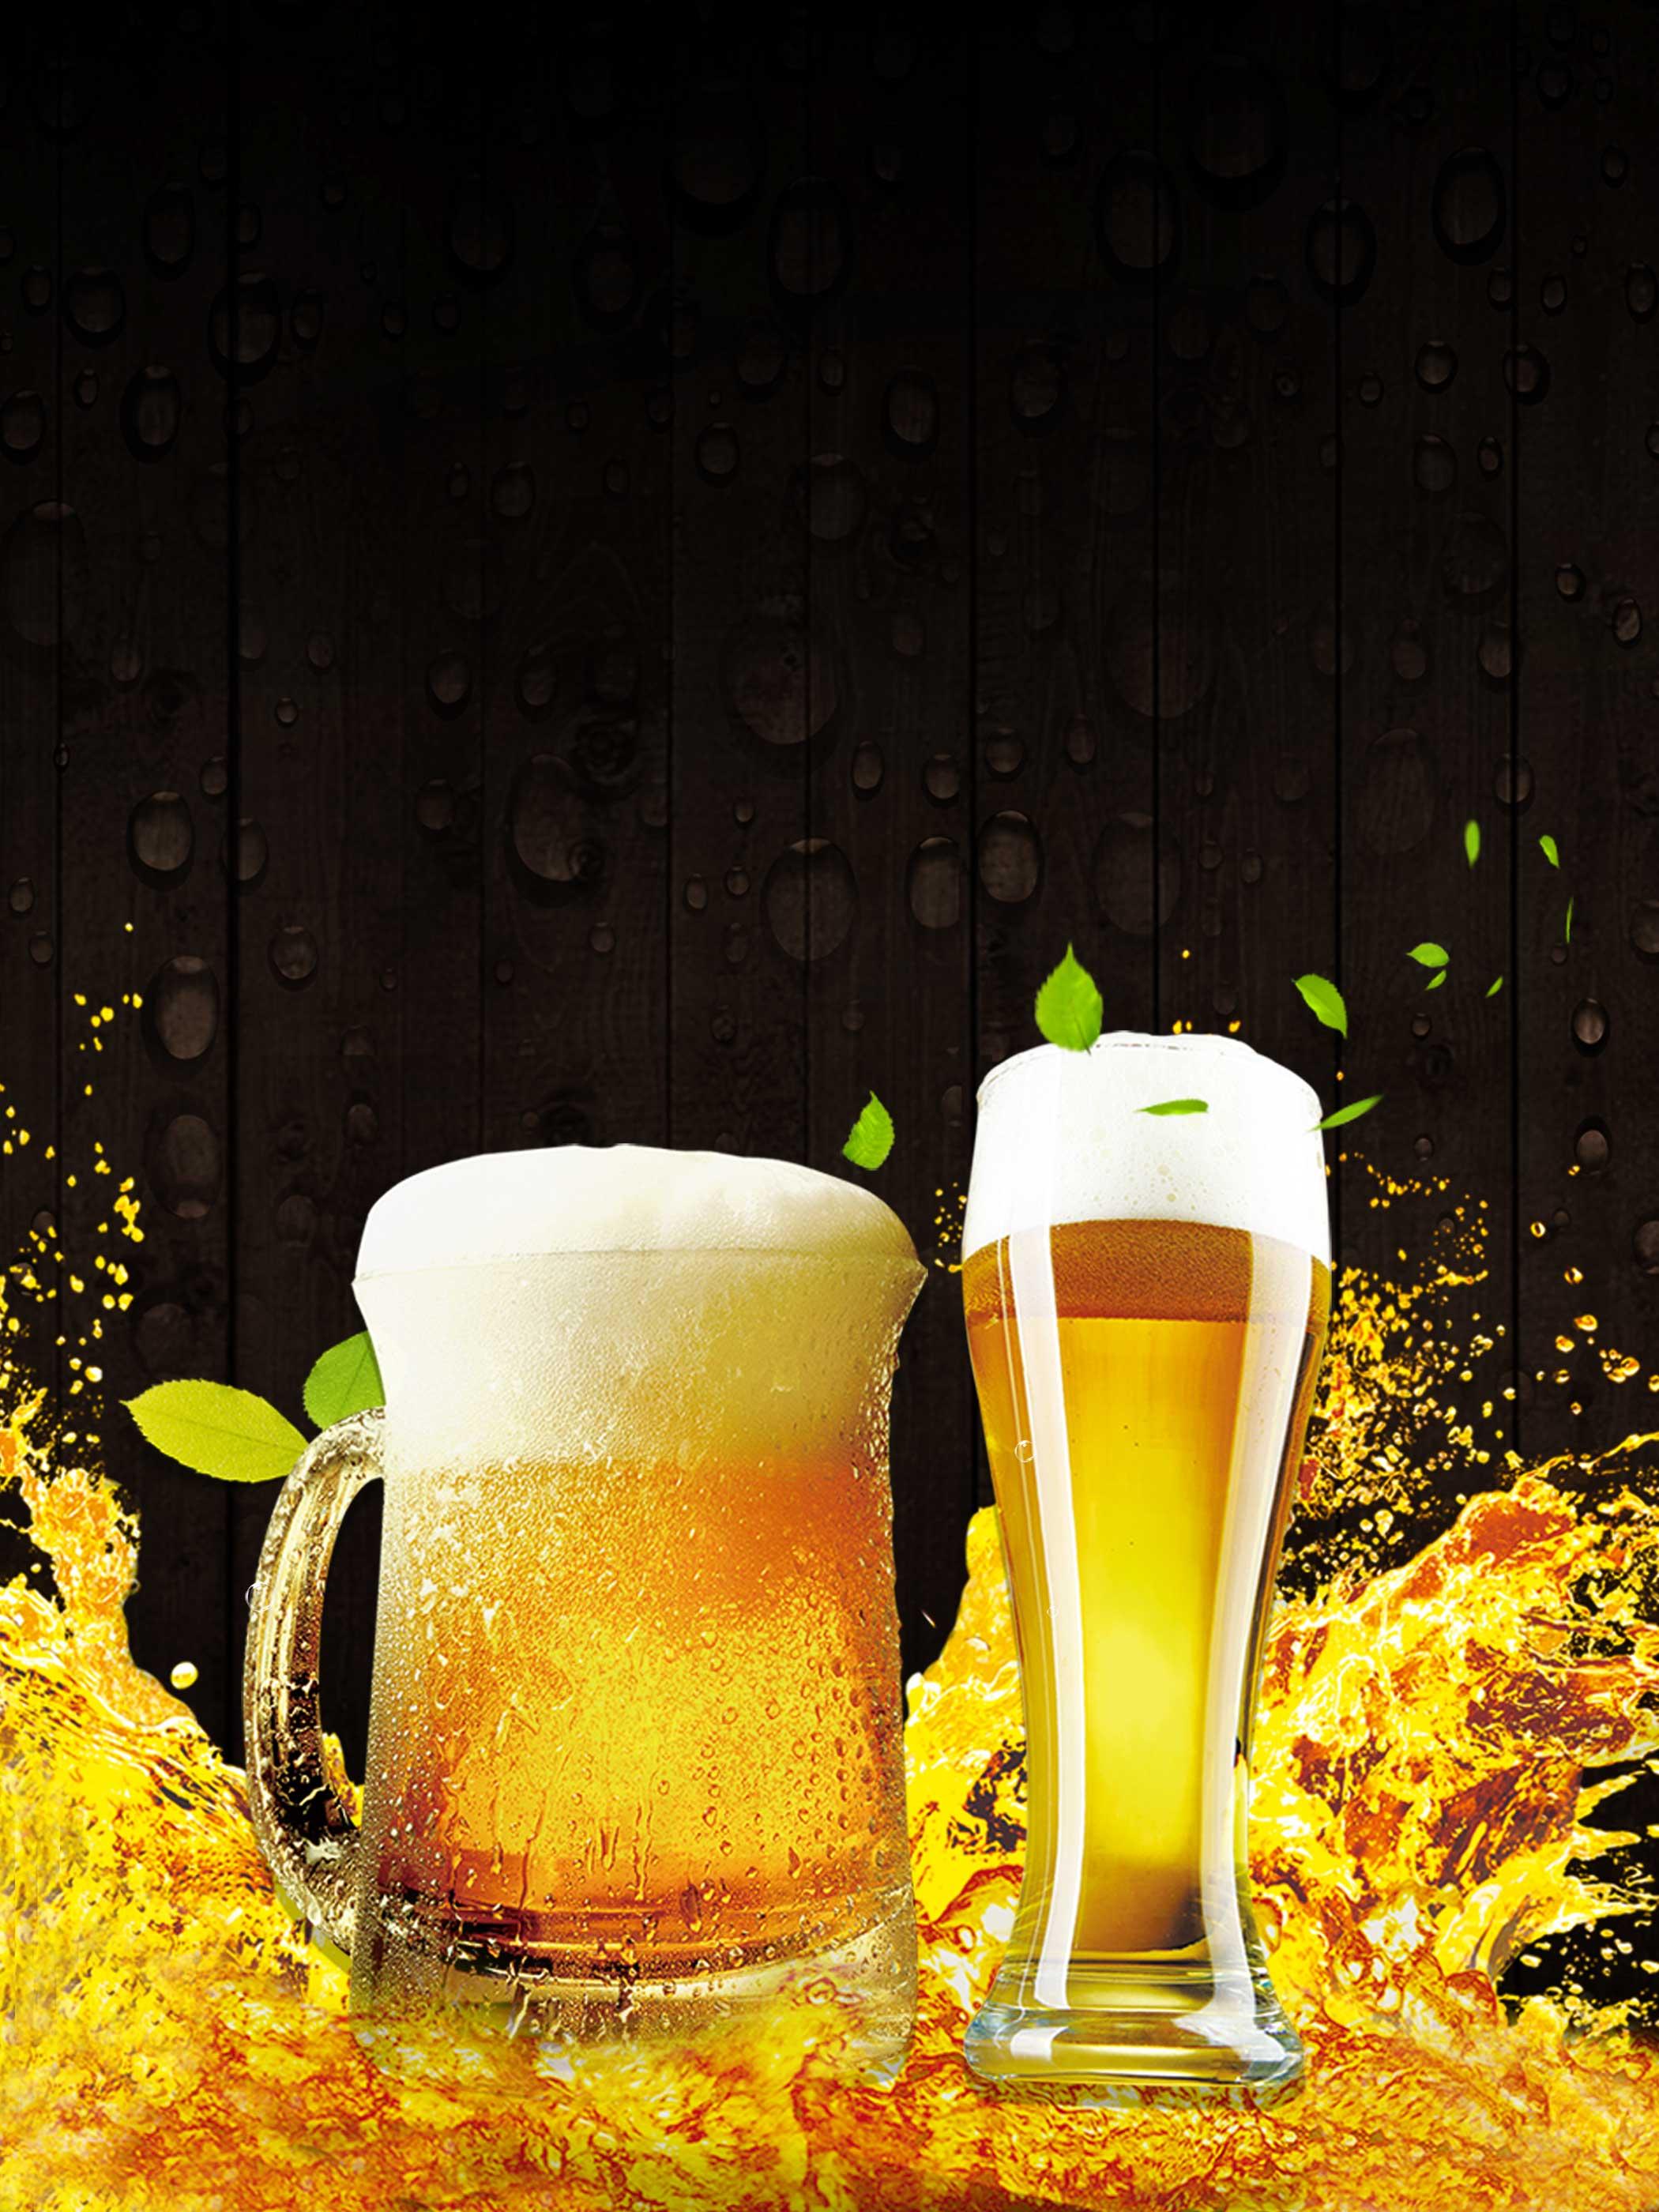 vidro lager copo de cerveja bebida background cerveja recipiente caneca imagem de plano de fundo